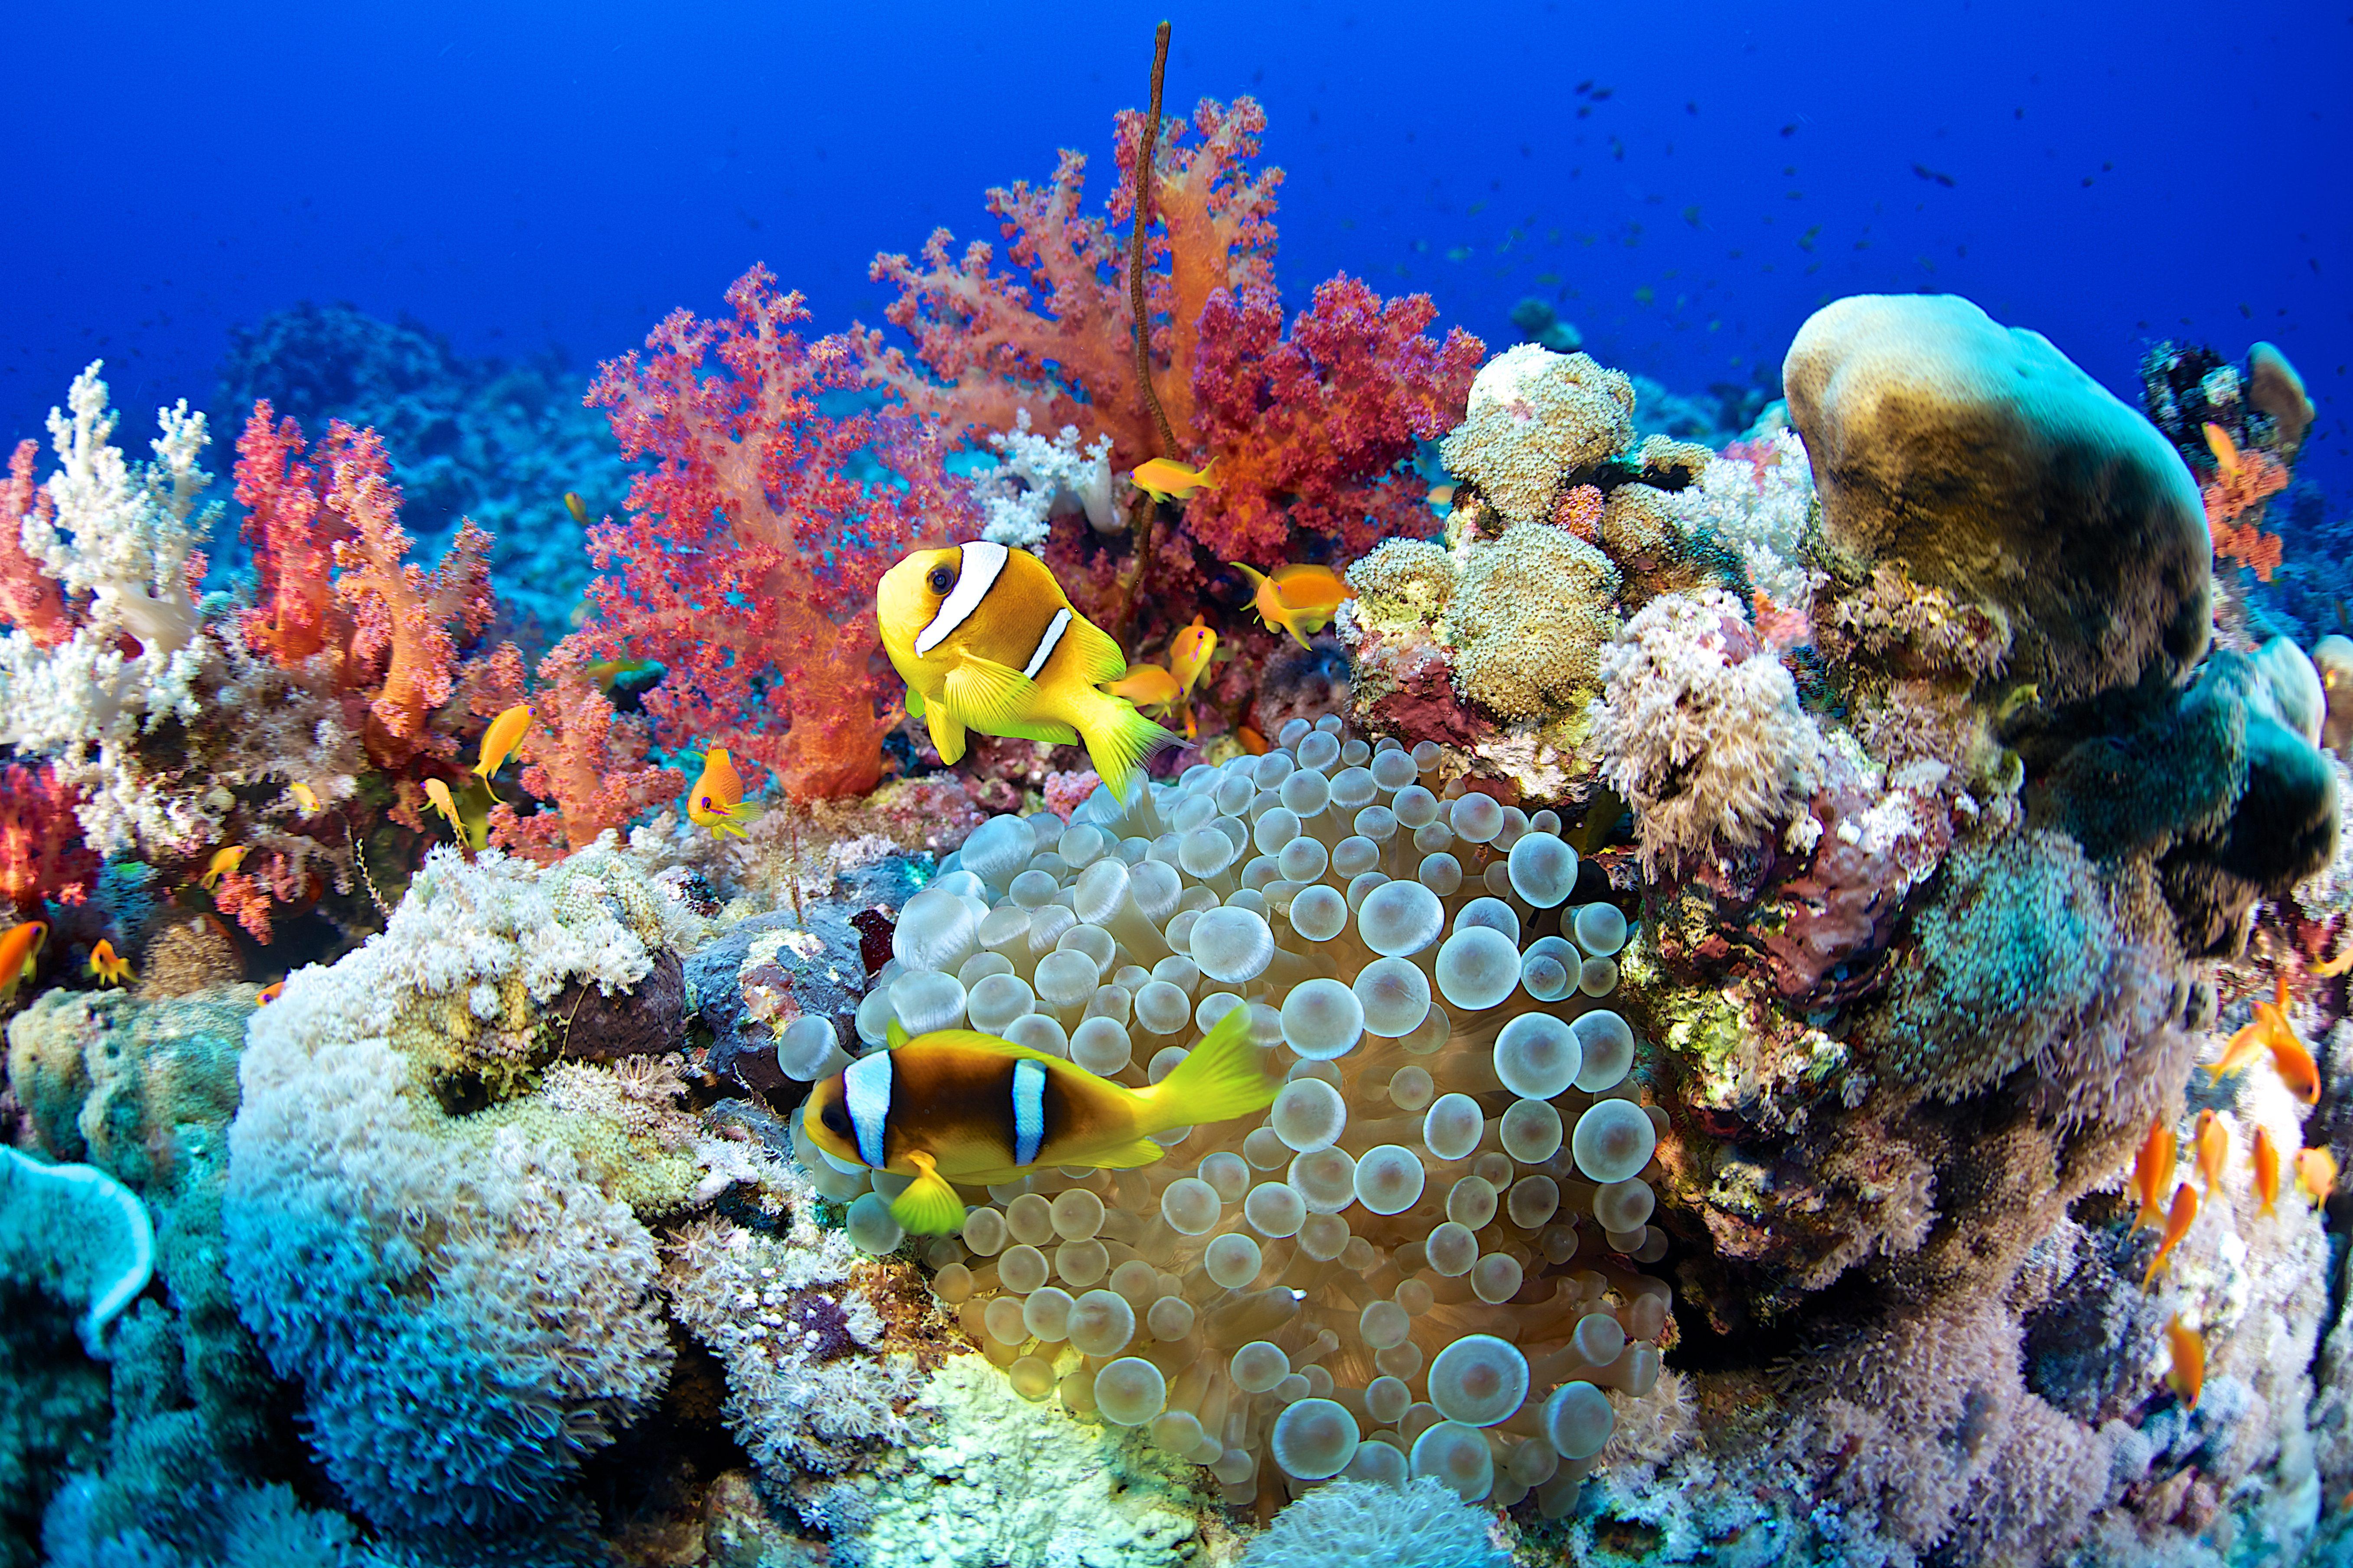 Clown fish-Amphiprion bicinctus